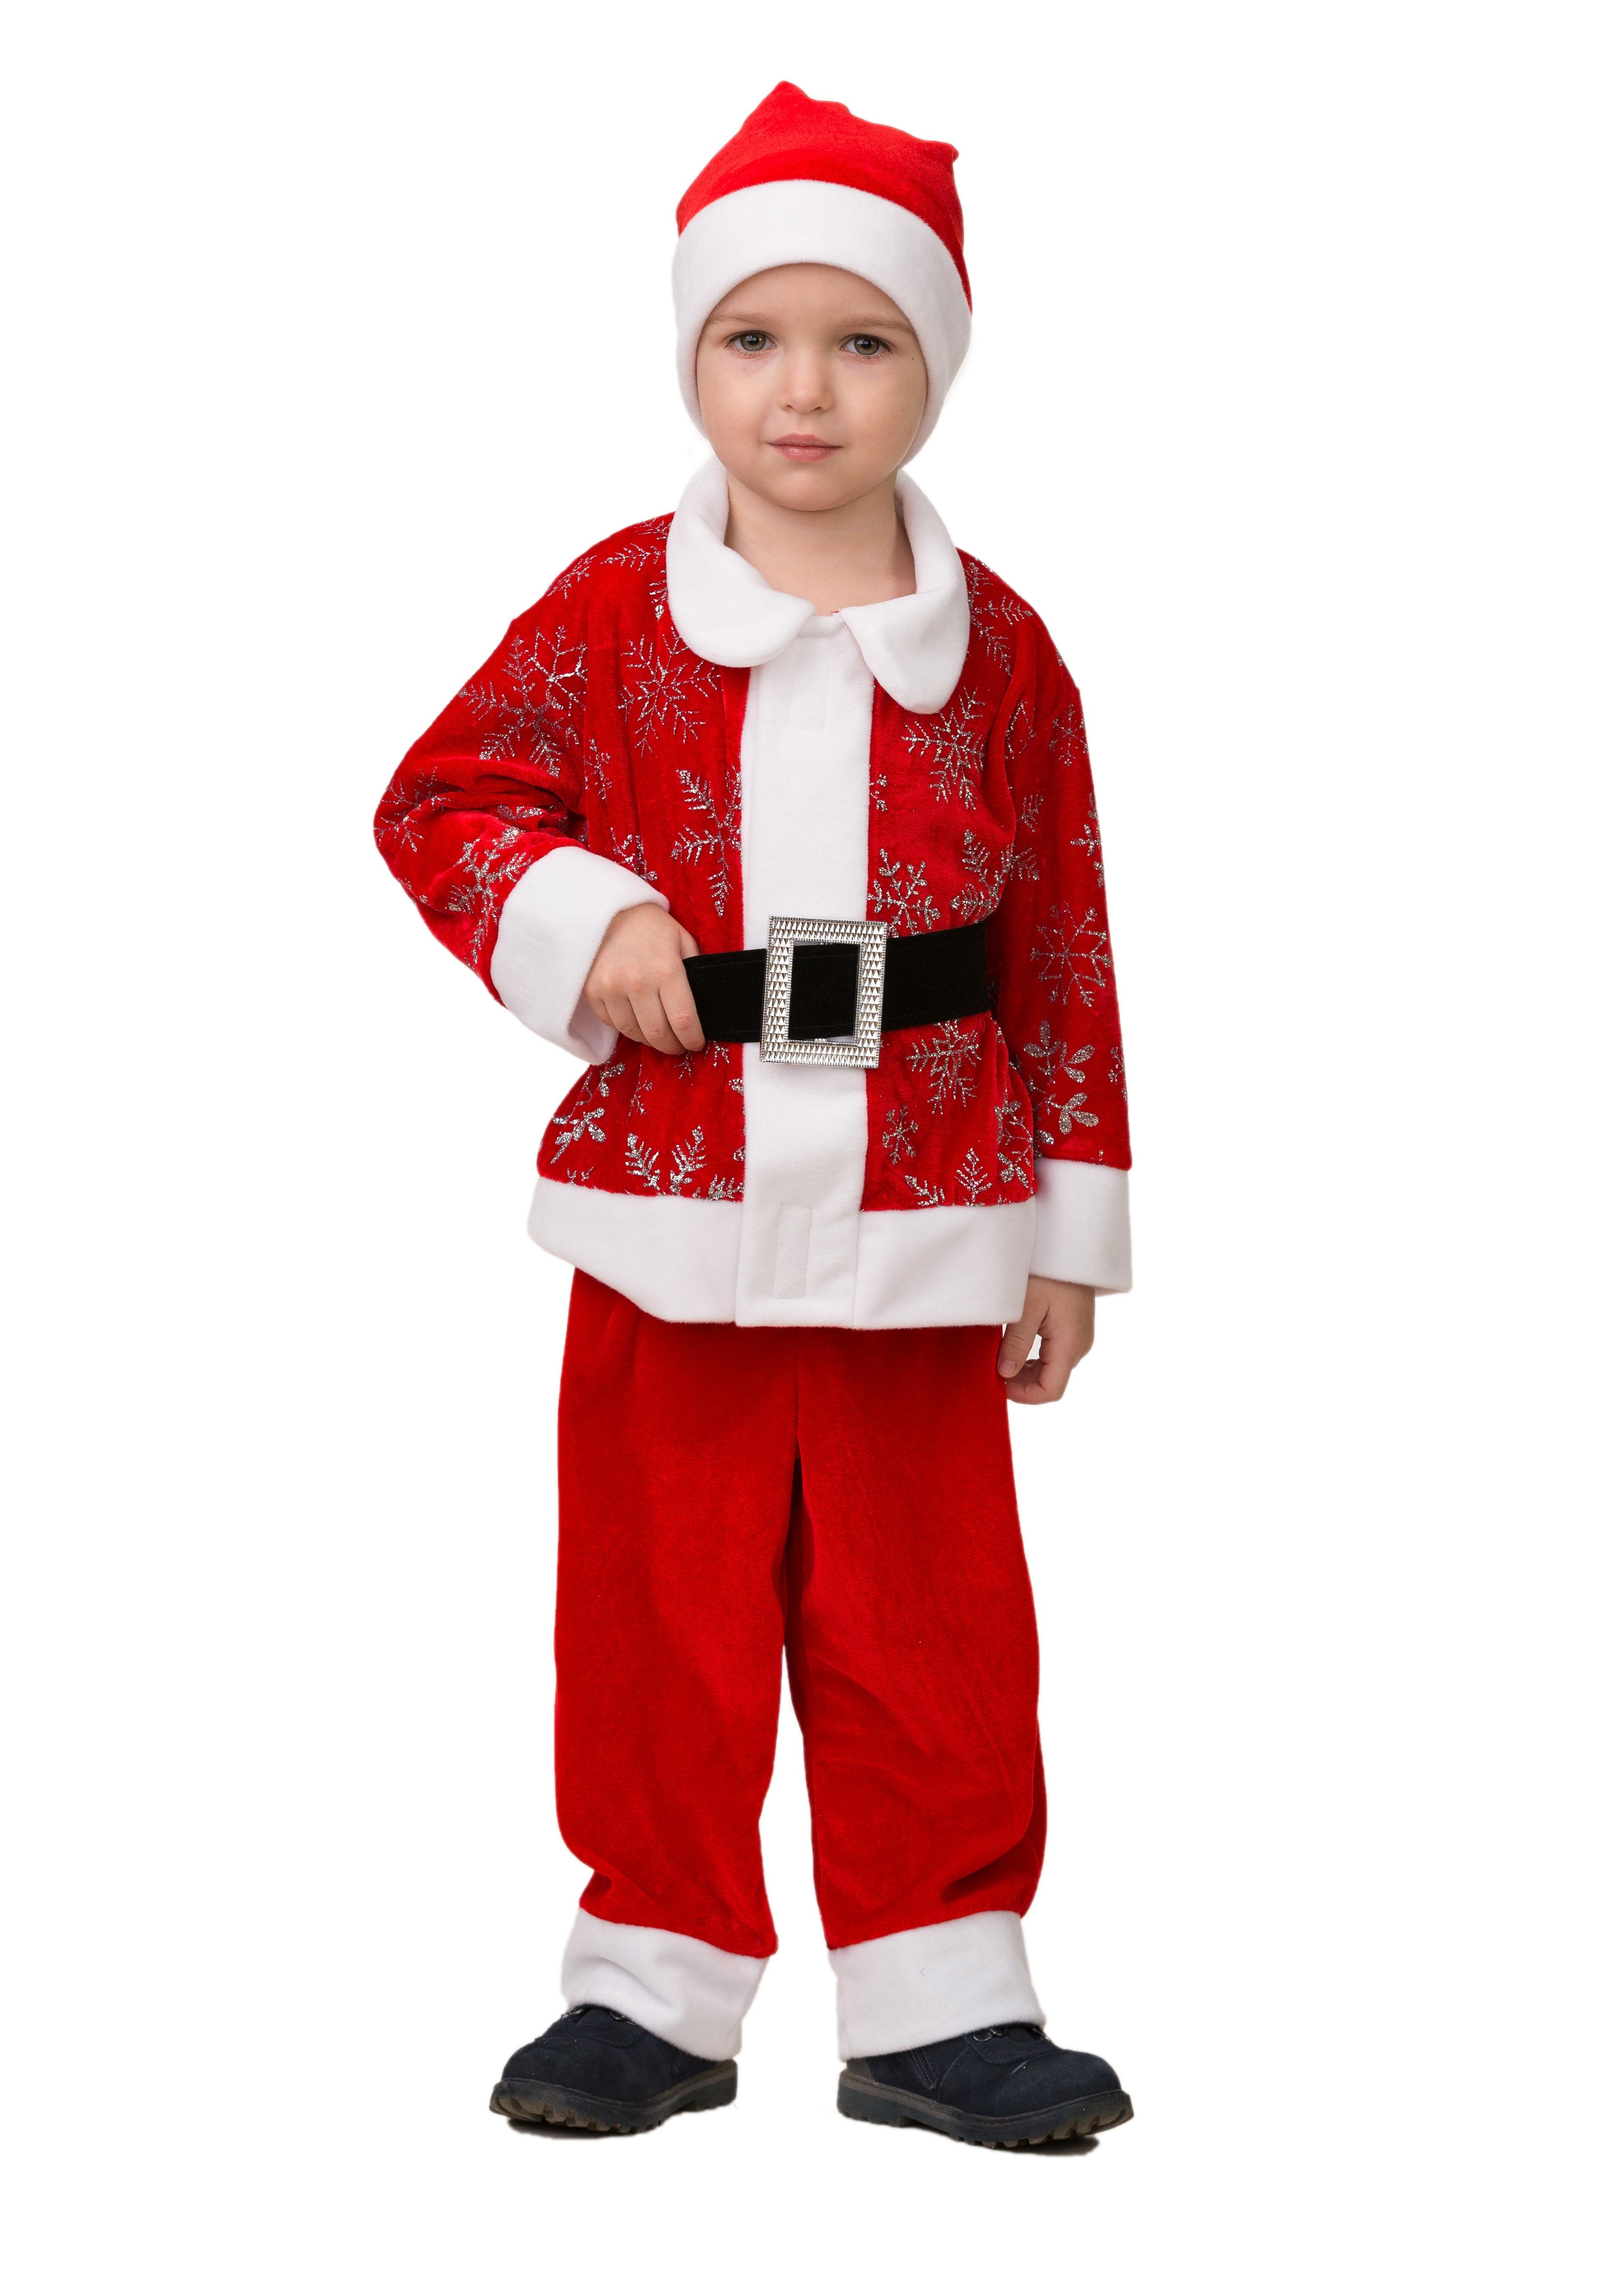 Детский костюм Красного Дедушки Мороза (24) детский костюм озорного клоуна 34